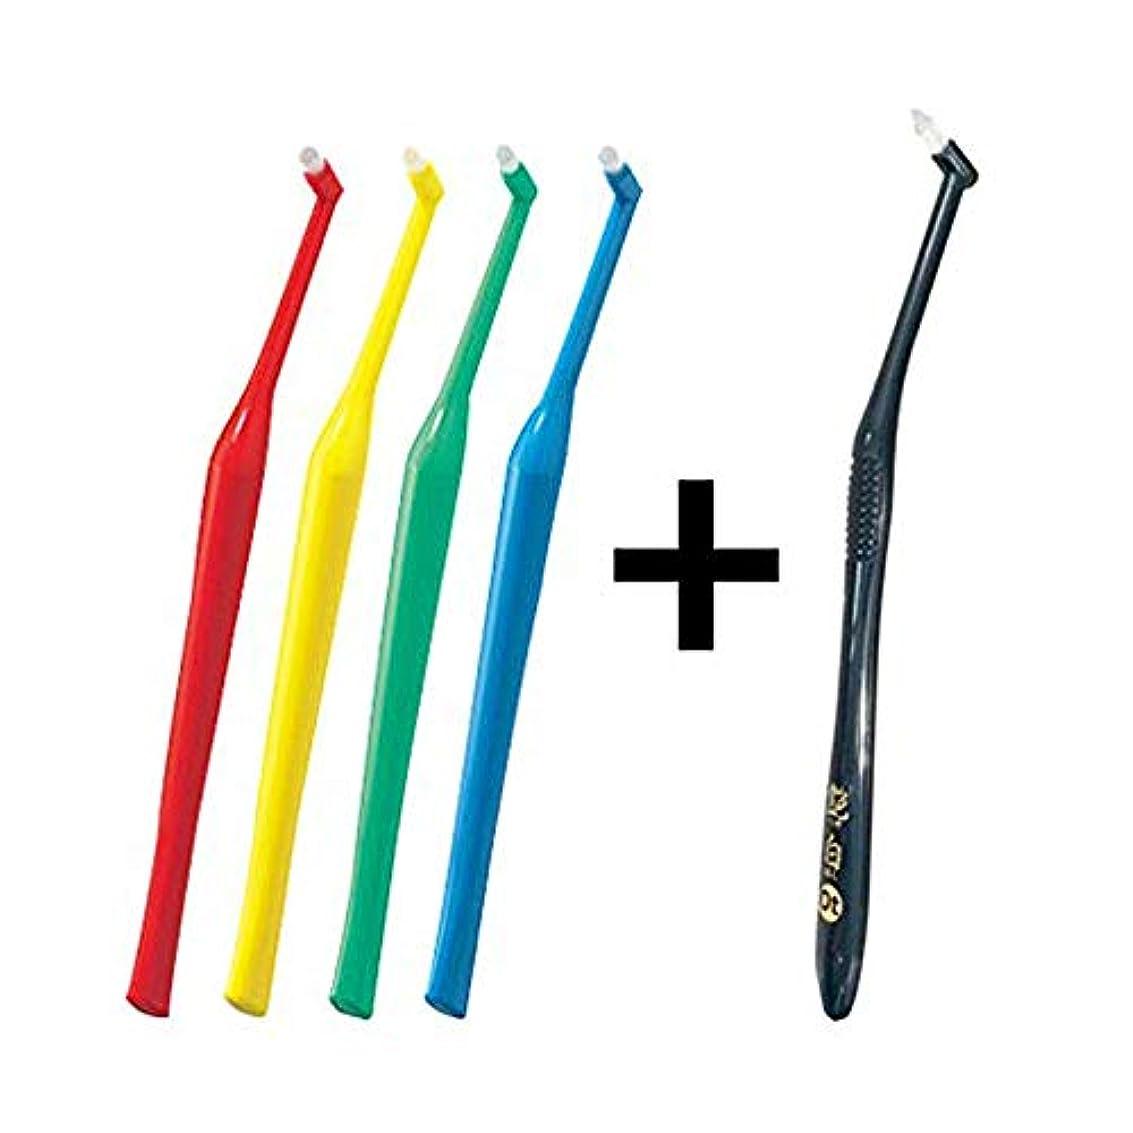 アンペアガス頼むプラウト Plaut × 4本 アソート (S(ソフト))+艶白ワンタフト 歯ブラシ 1本 SS(とてもやわらかめ)